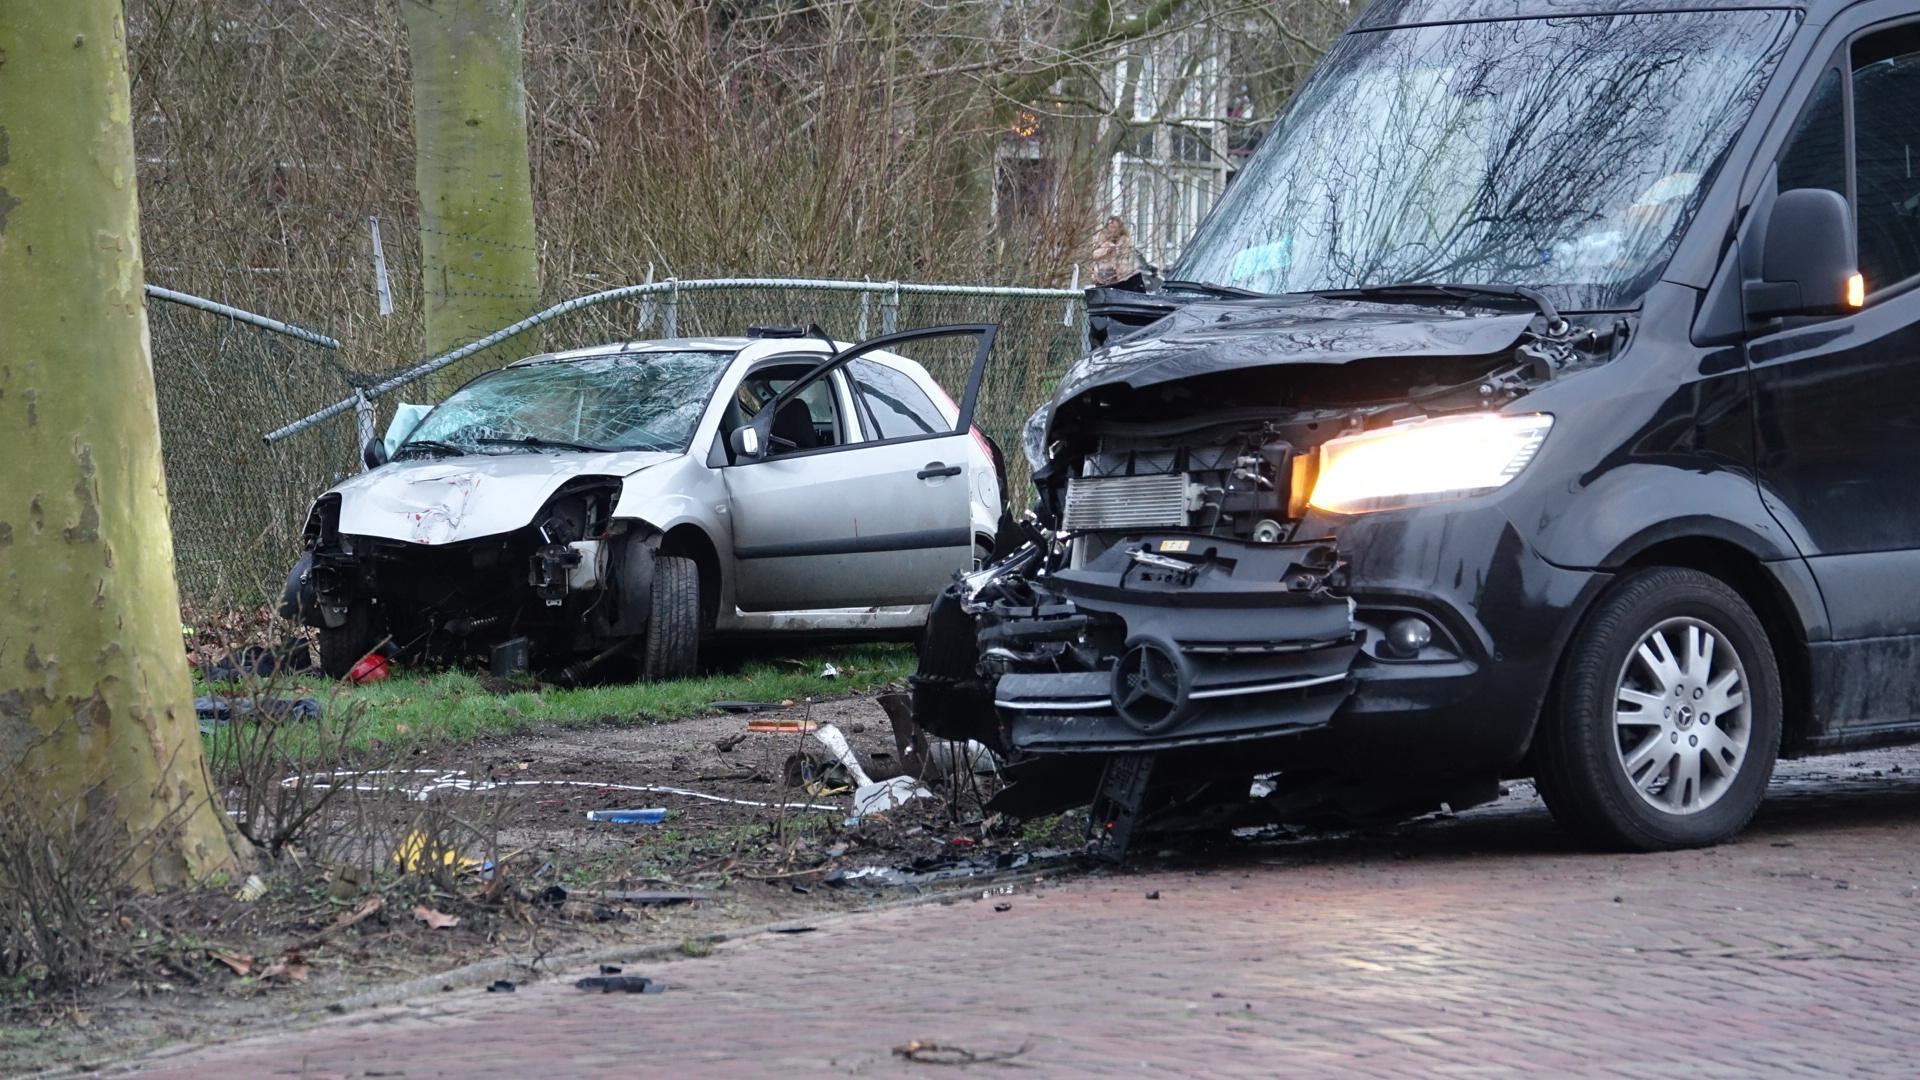 Zwaargewonde bij botsing tussen auto en bestelbus in Midwoud, bestuurder vlucht [update & video]